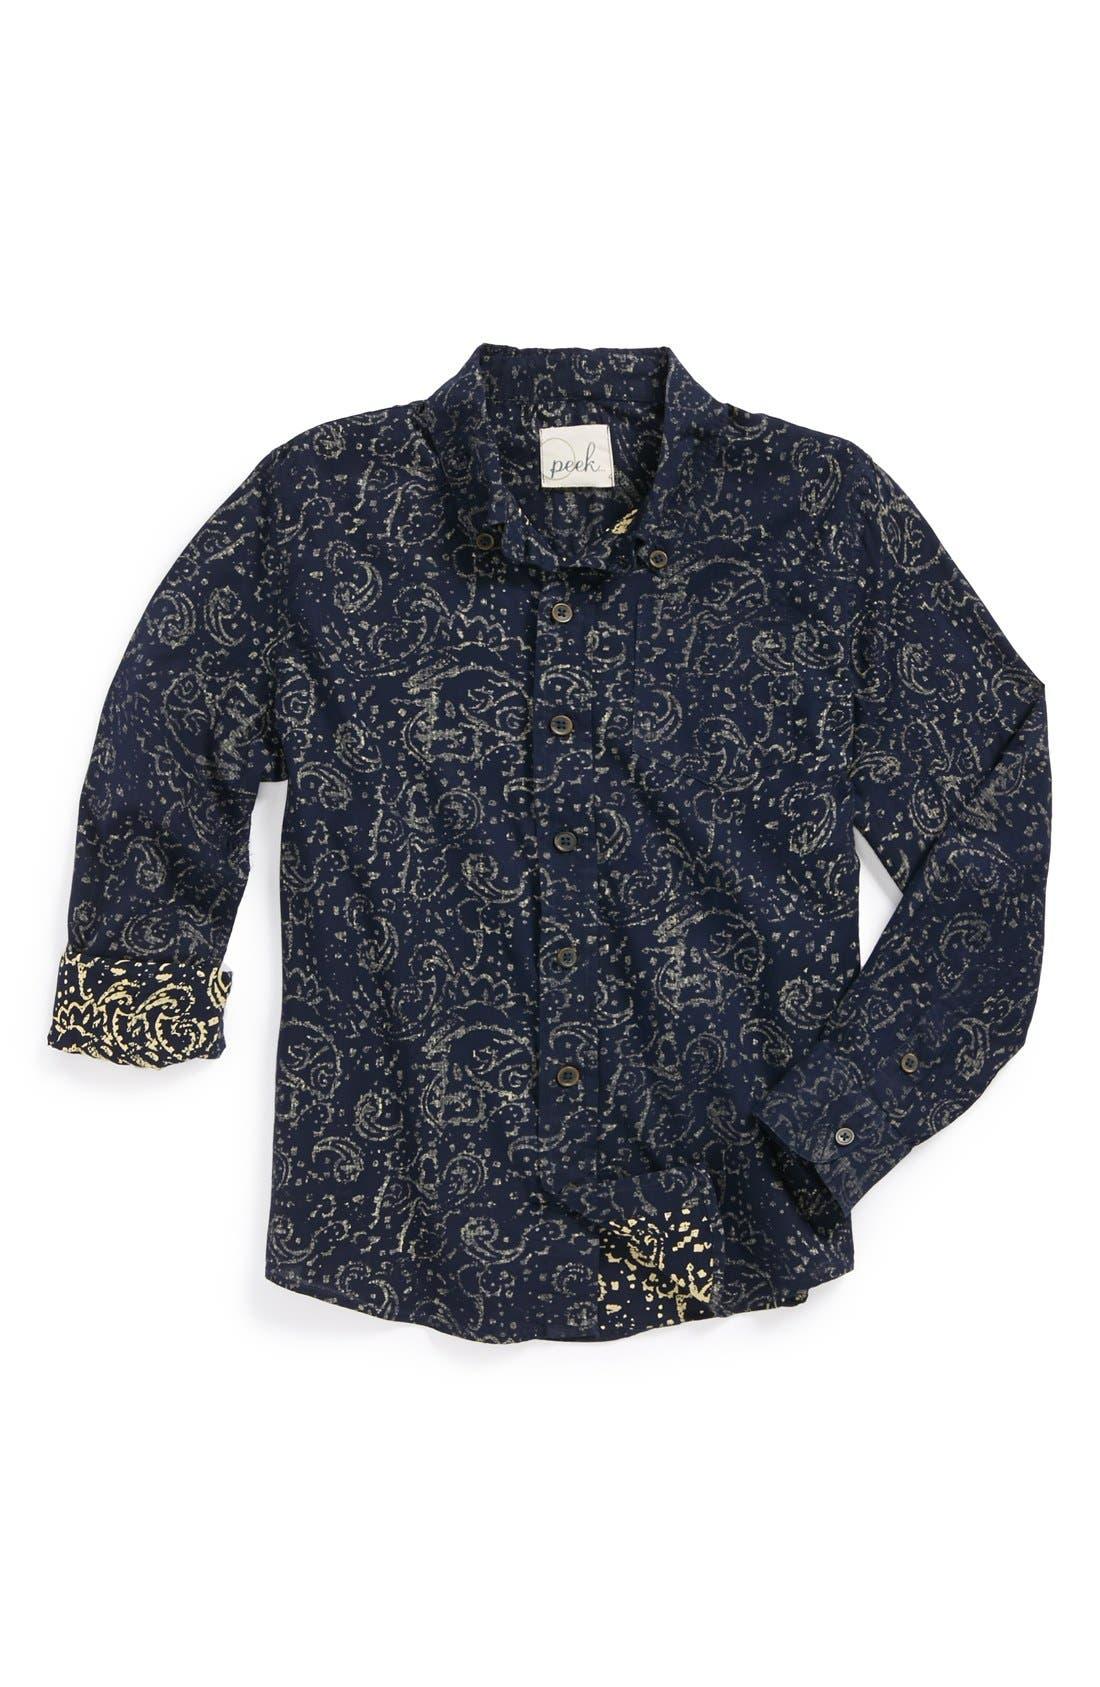 Alternate Image 1 Selected - Peek 'Paisley' Woven Shirt (Big Boys)